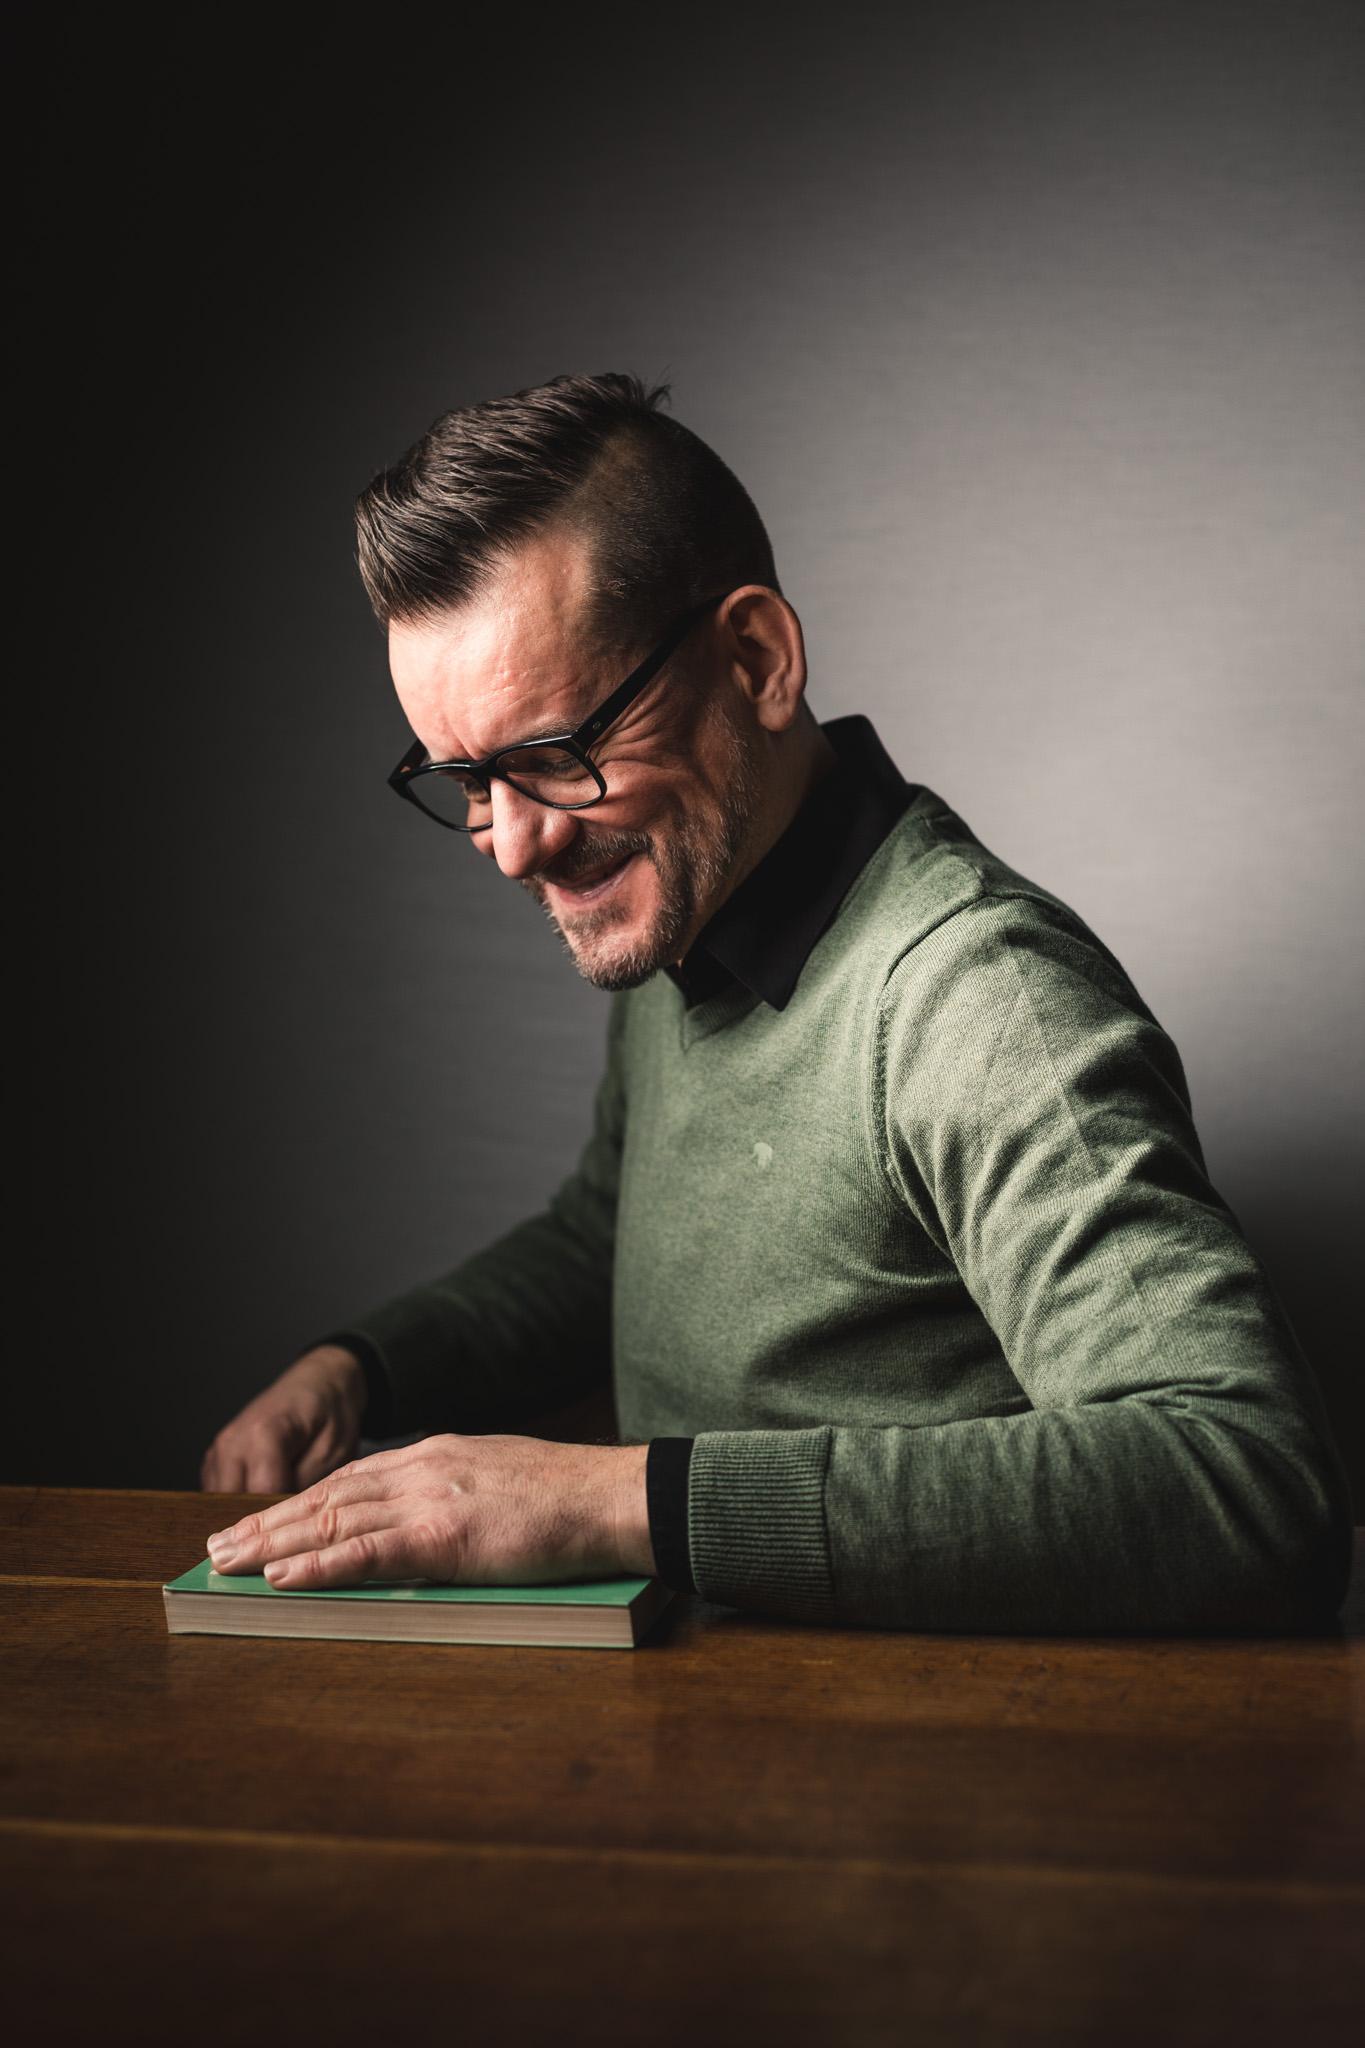 Jeugdauteur Bart Moeyaert zit lachend aan tafel. Voor hem ligt een boek op tafel, waarop zijn linkerhand rust.